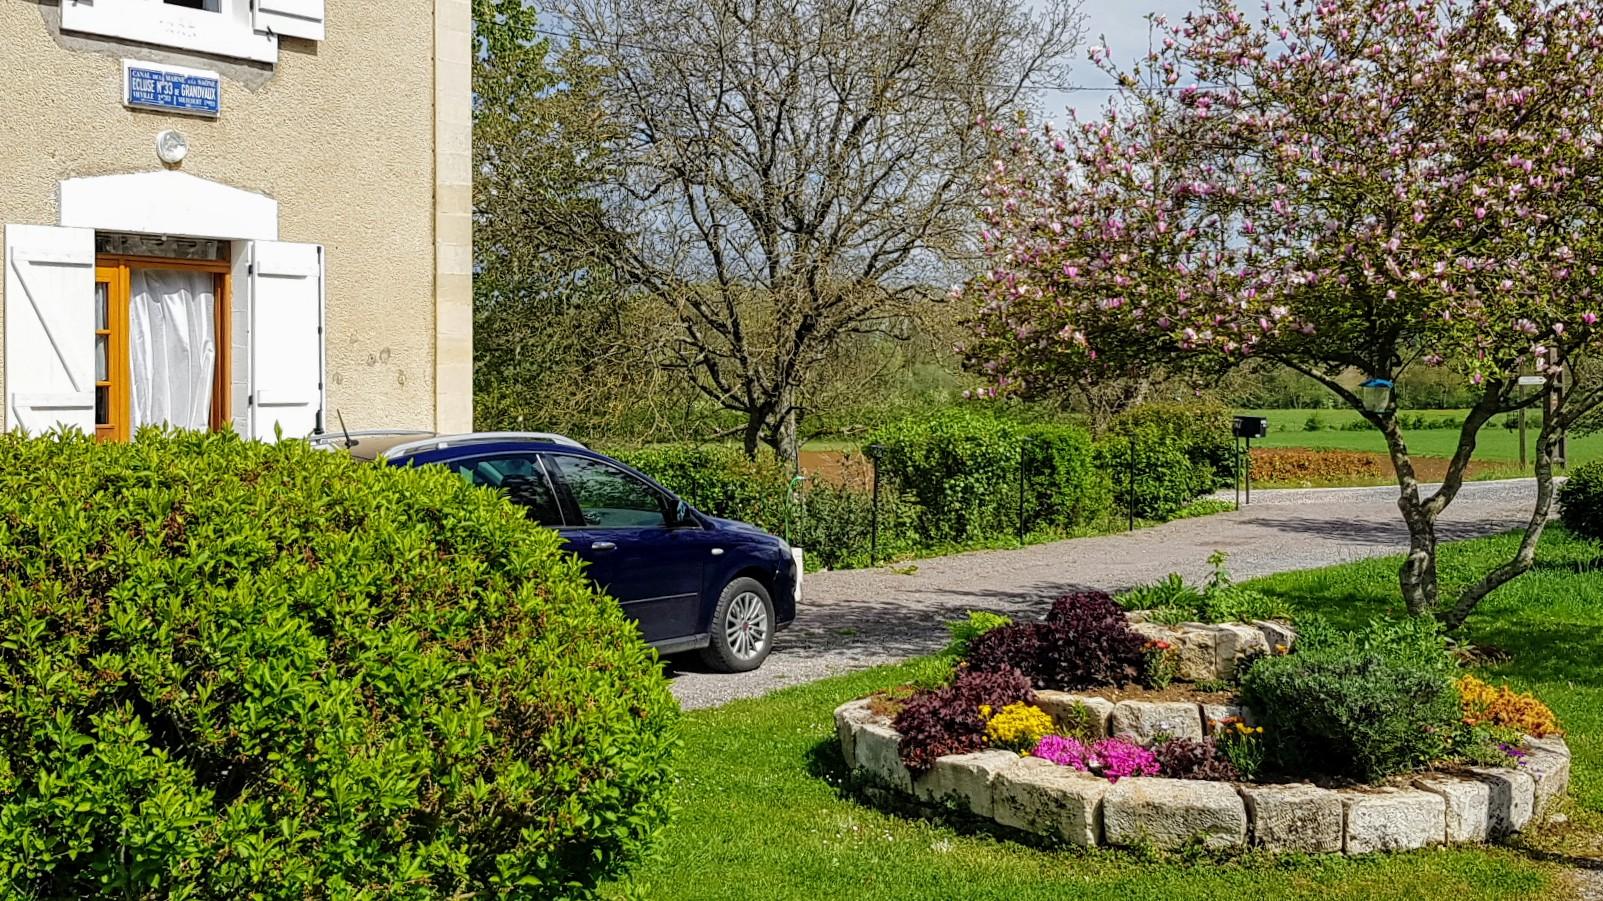 Schleusenhaus, bewohnt von jemandem mit einem grünen Daumen! Es grünt und blüht im hübsch angelegten Garten rund ums Häuschen